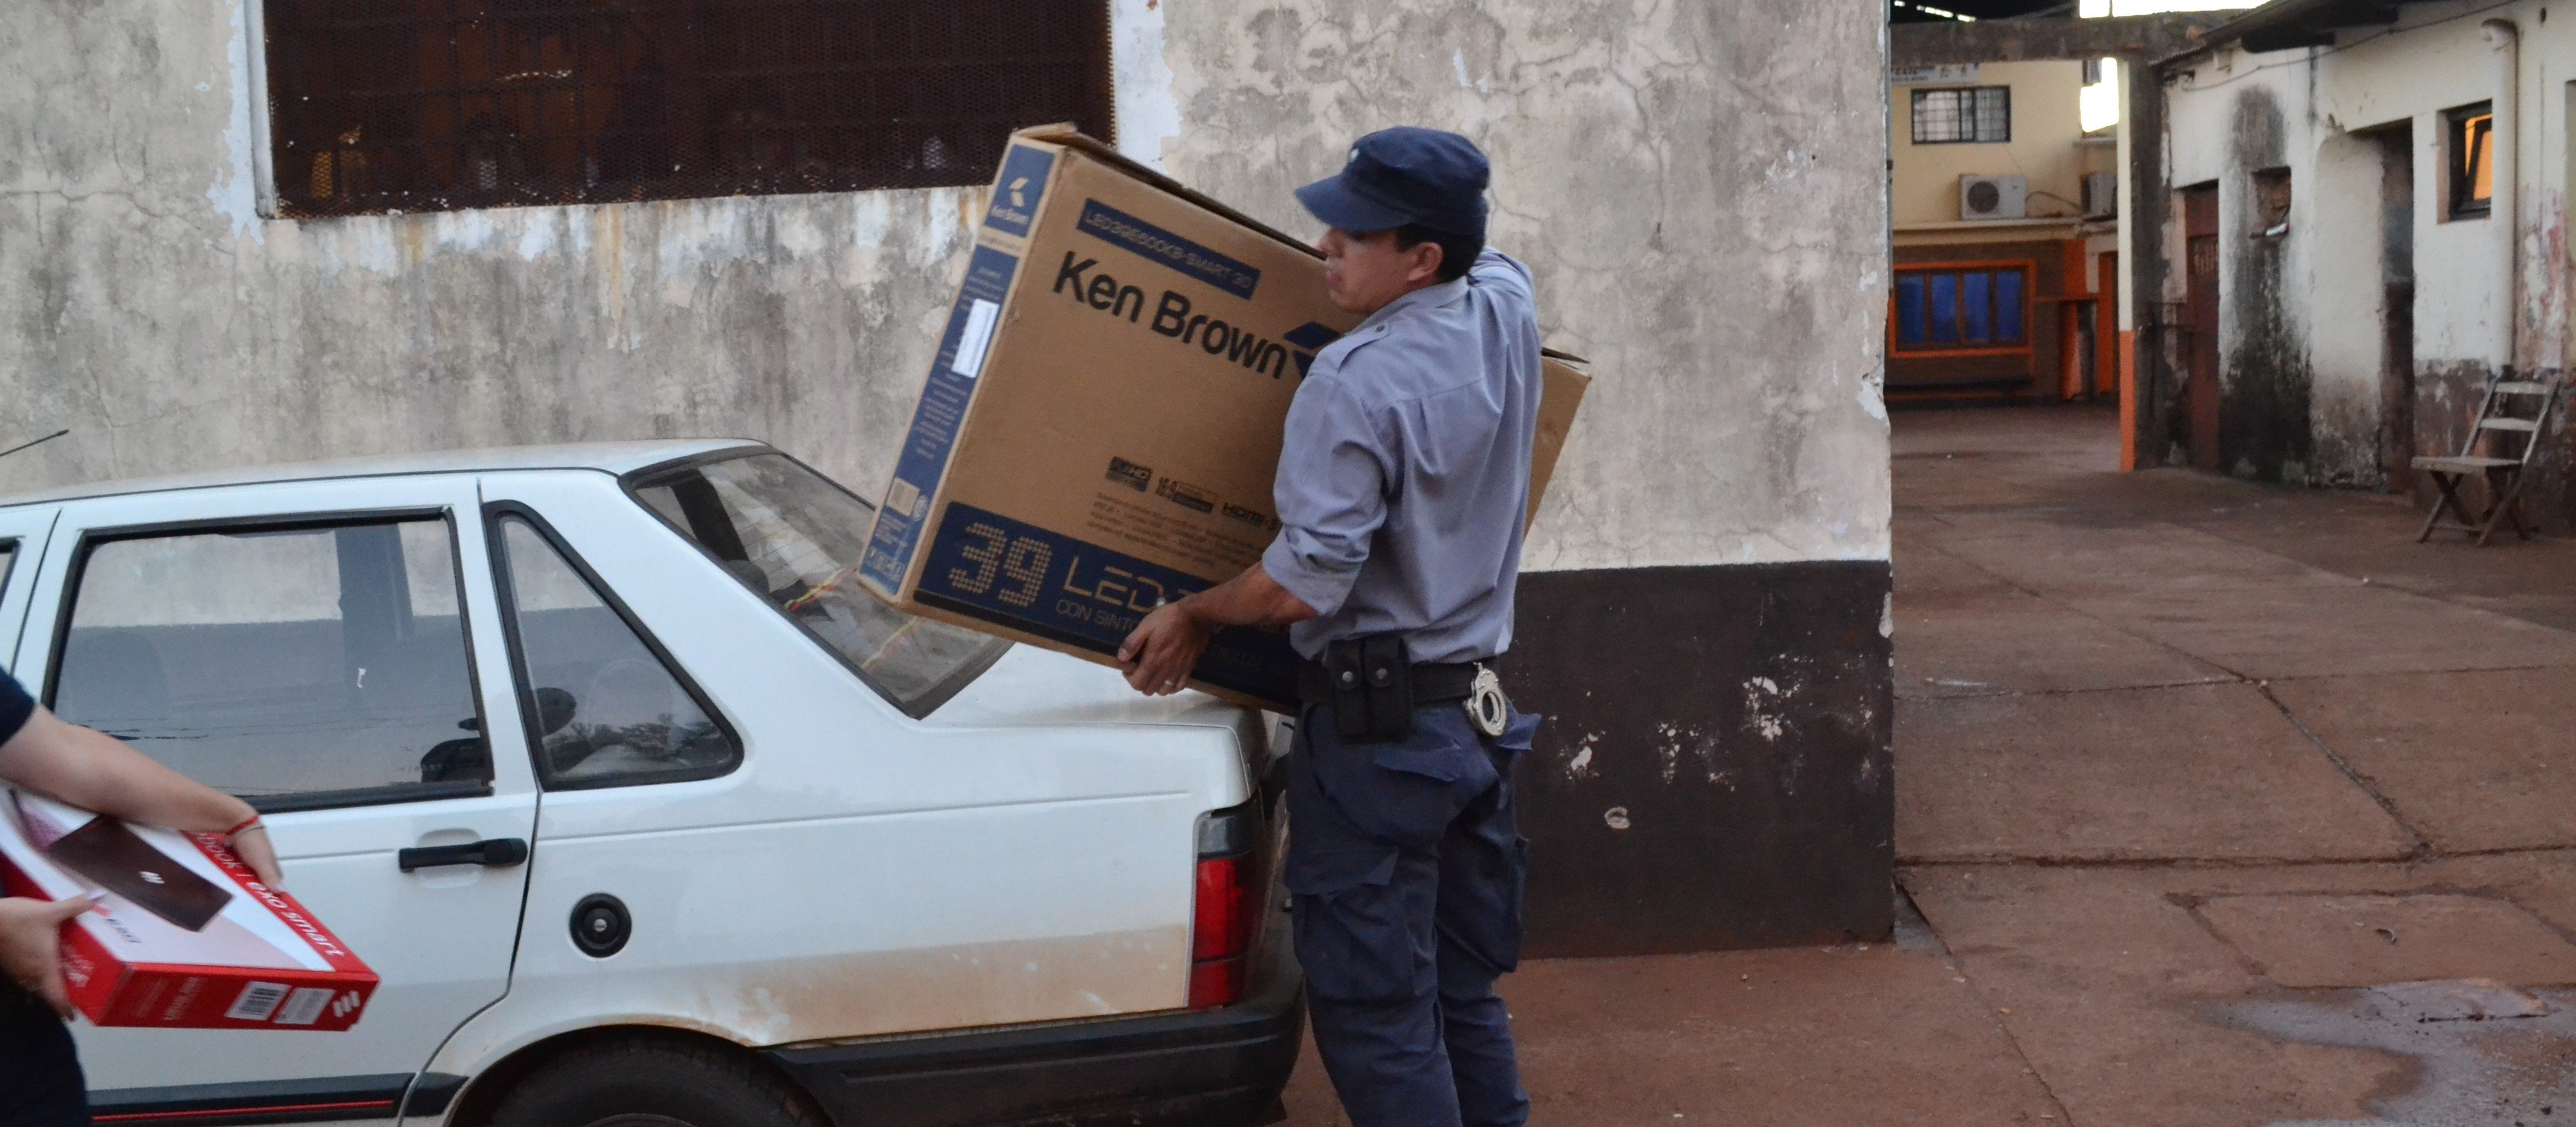 Tres ladrones detenidos por distintos hechos delictivos